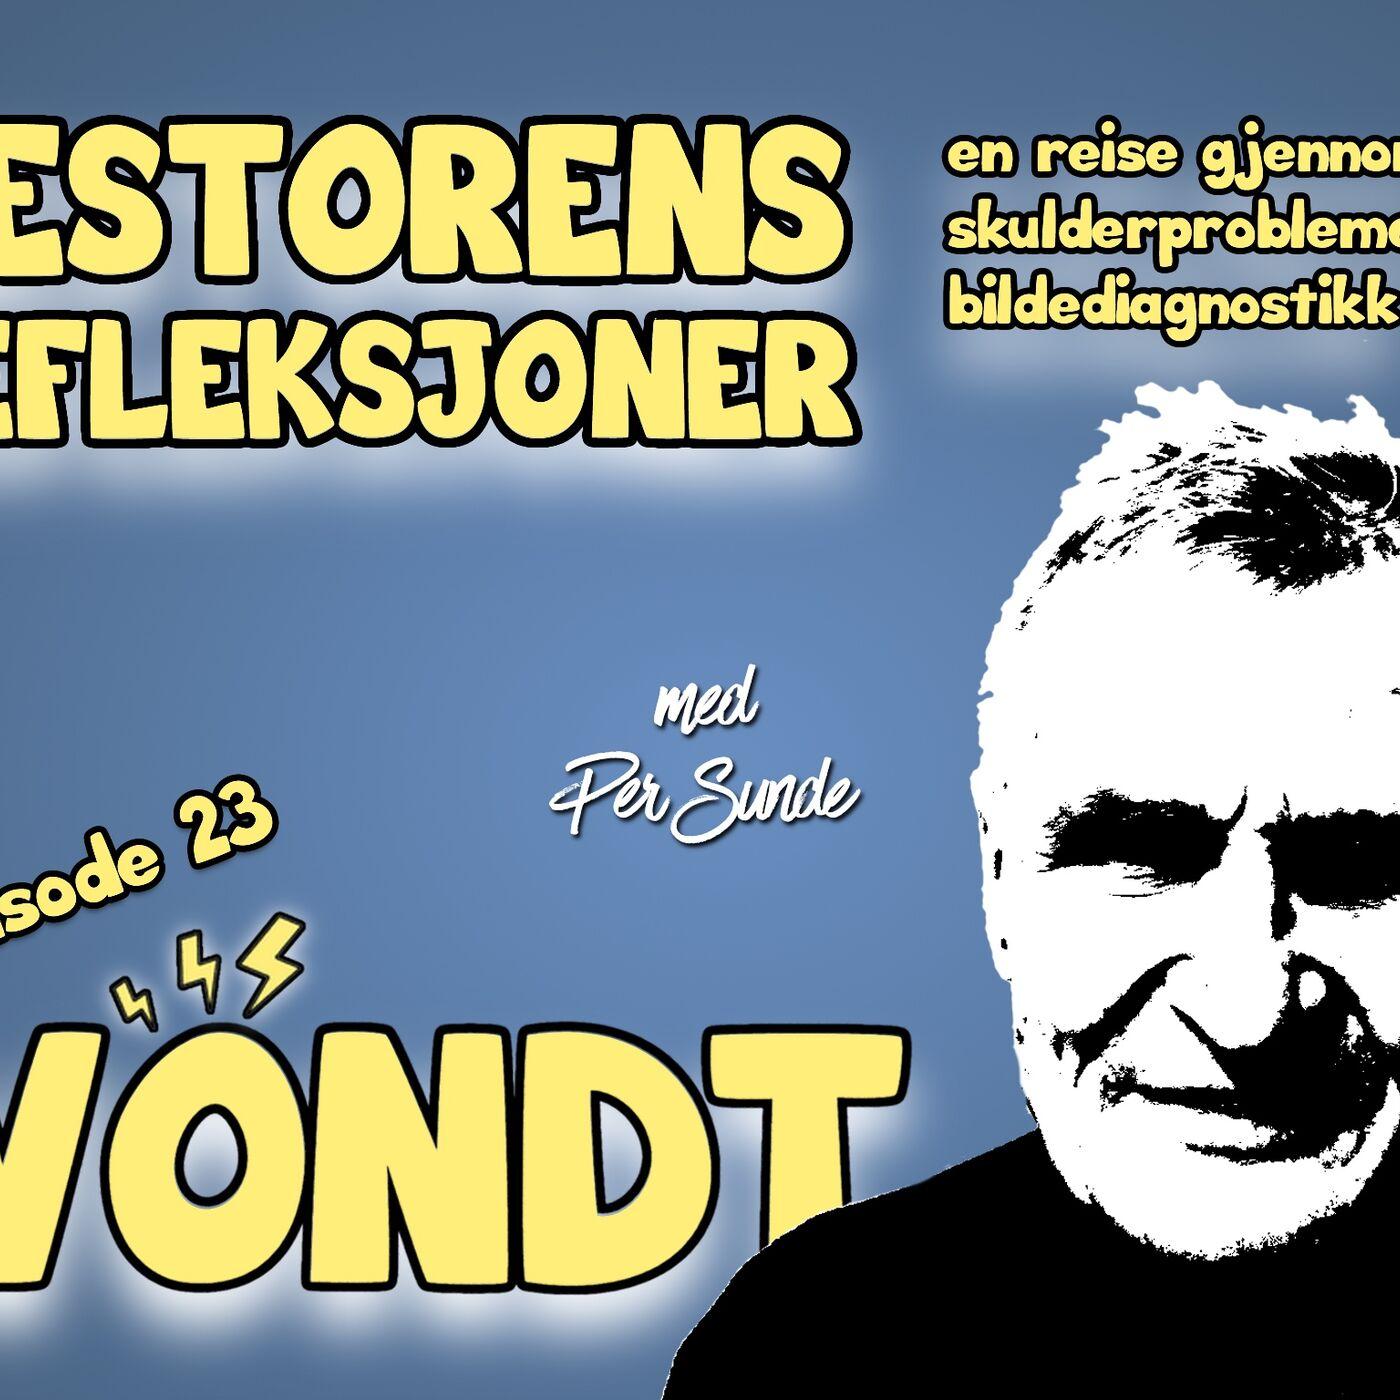 EP 23: Nestorens refleksjoner del 2 - med Per Sunde